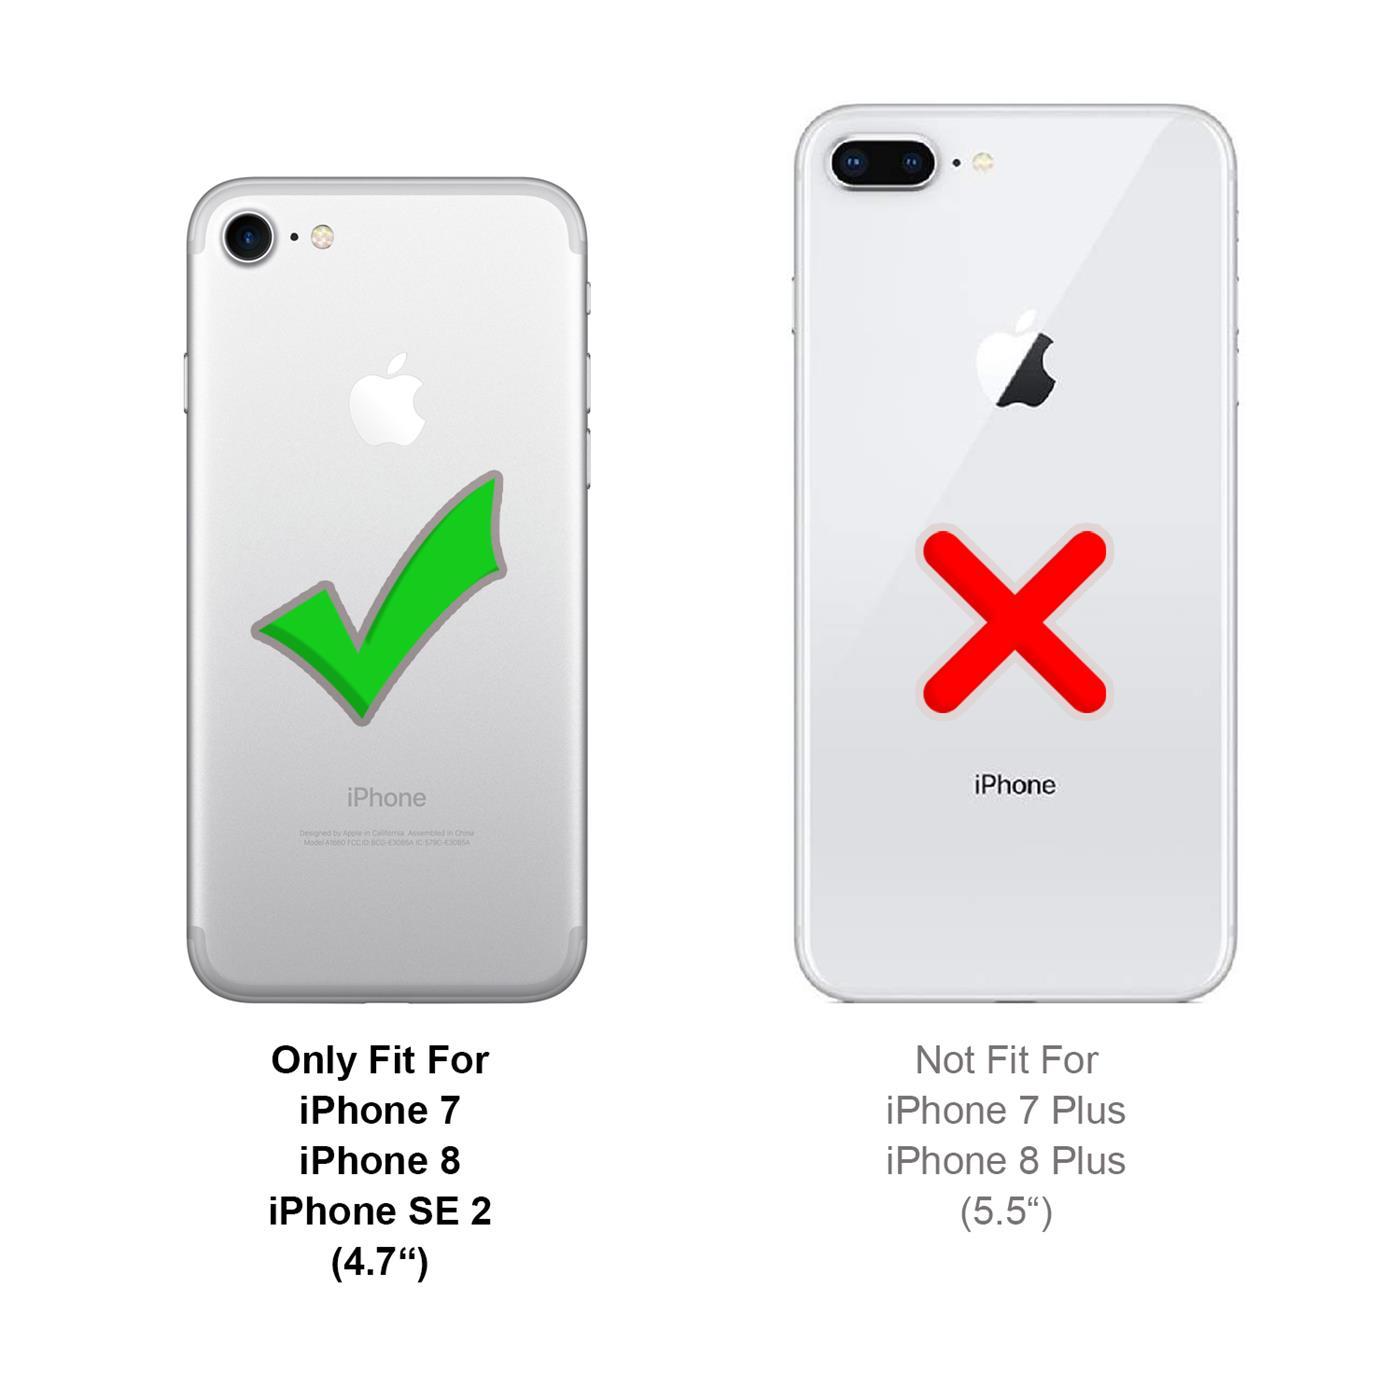 Slim-Cover-Schutzhuelle-Apple-iPhone-Handy-Schutz-Tasche-Huelle-Glas-Panzer-Folie Indexbild 36